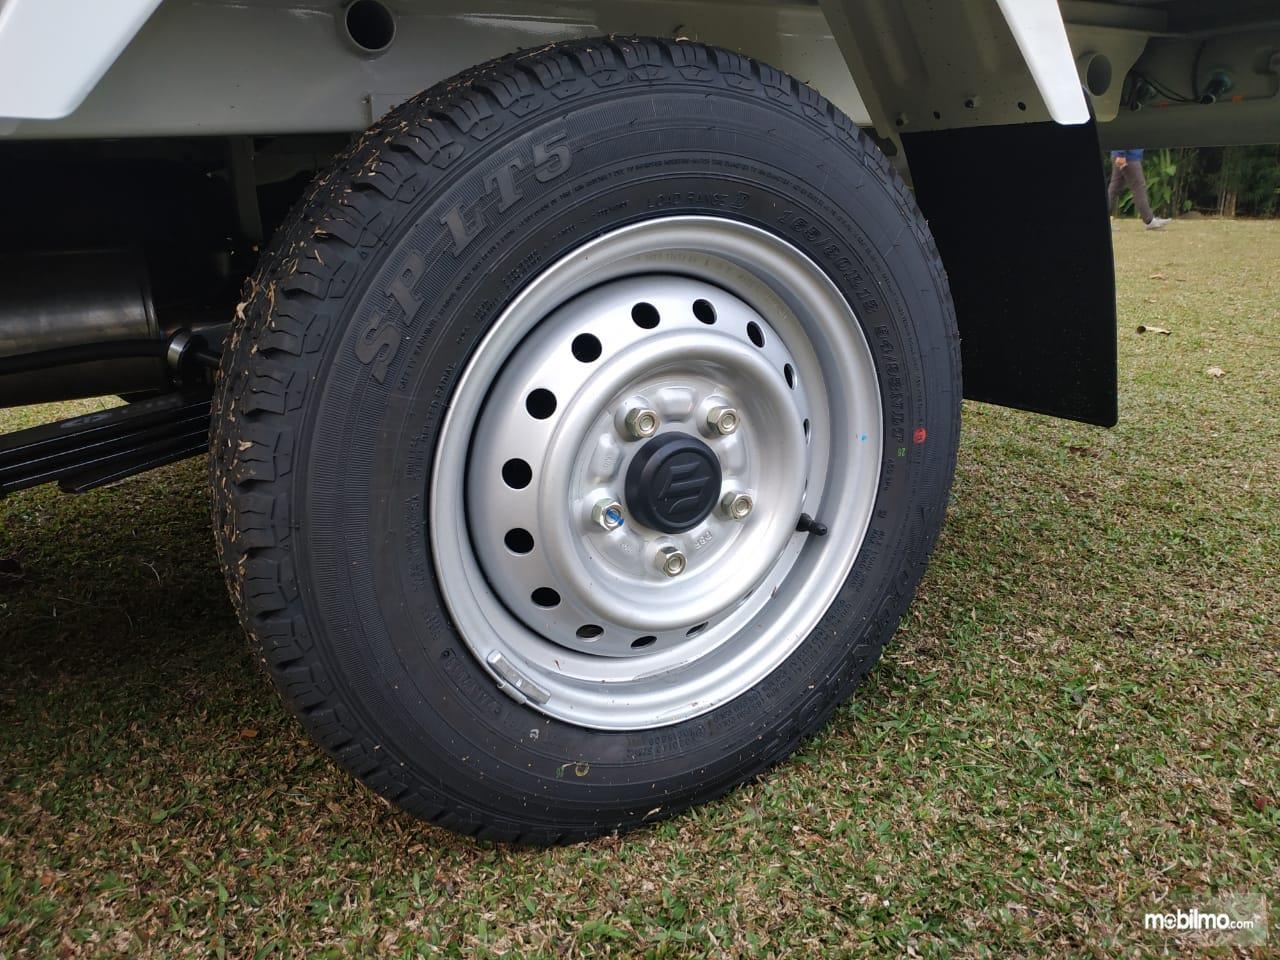 Gambar menunjukkan Ban dan pelek Suzuki Carry Pick Up 2019